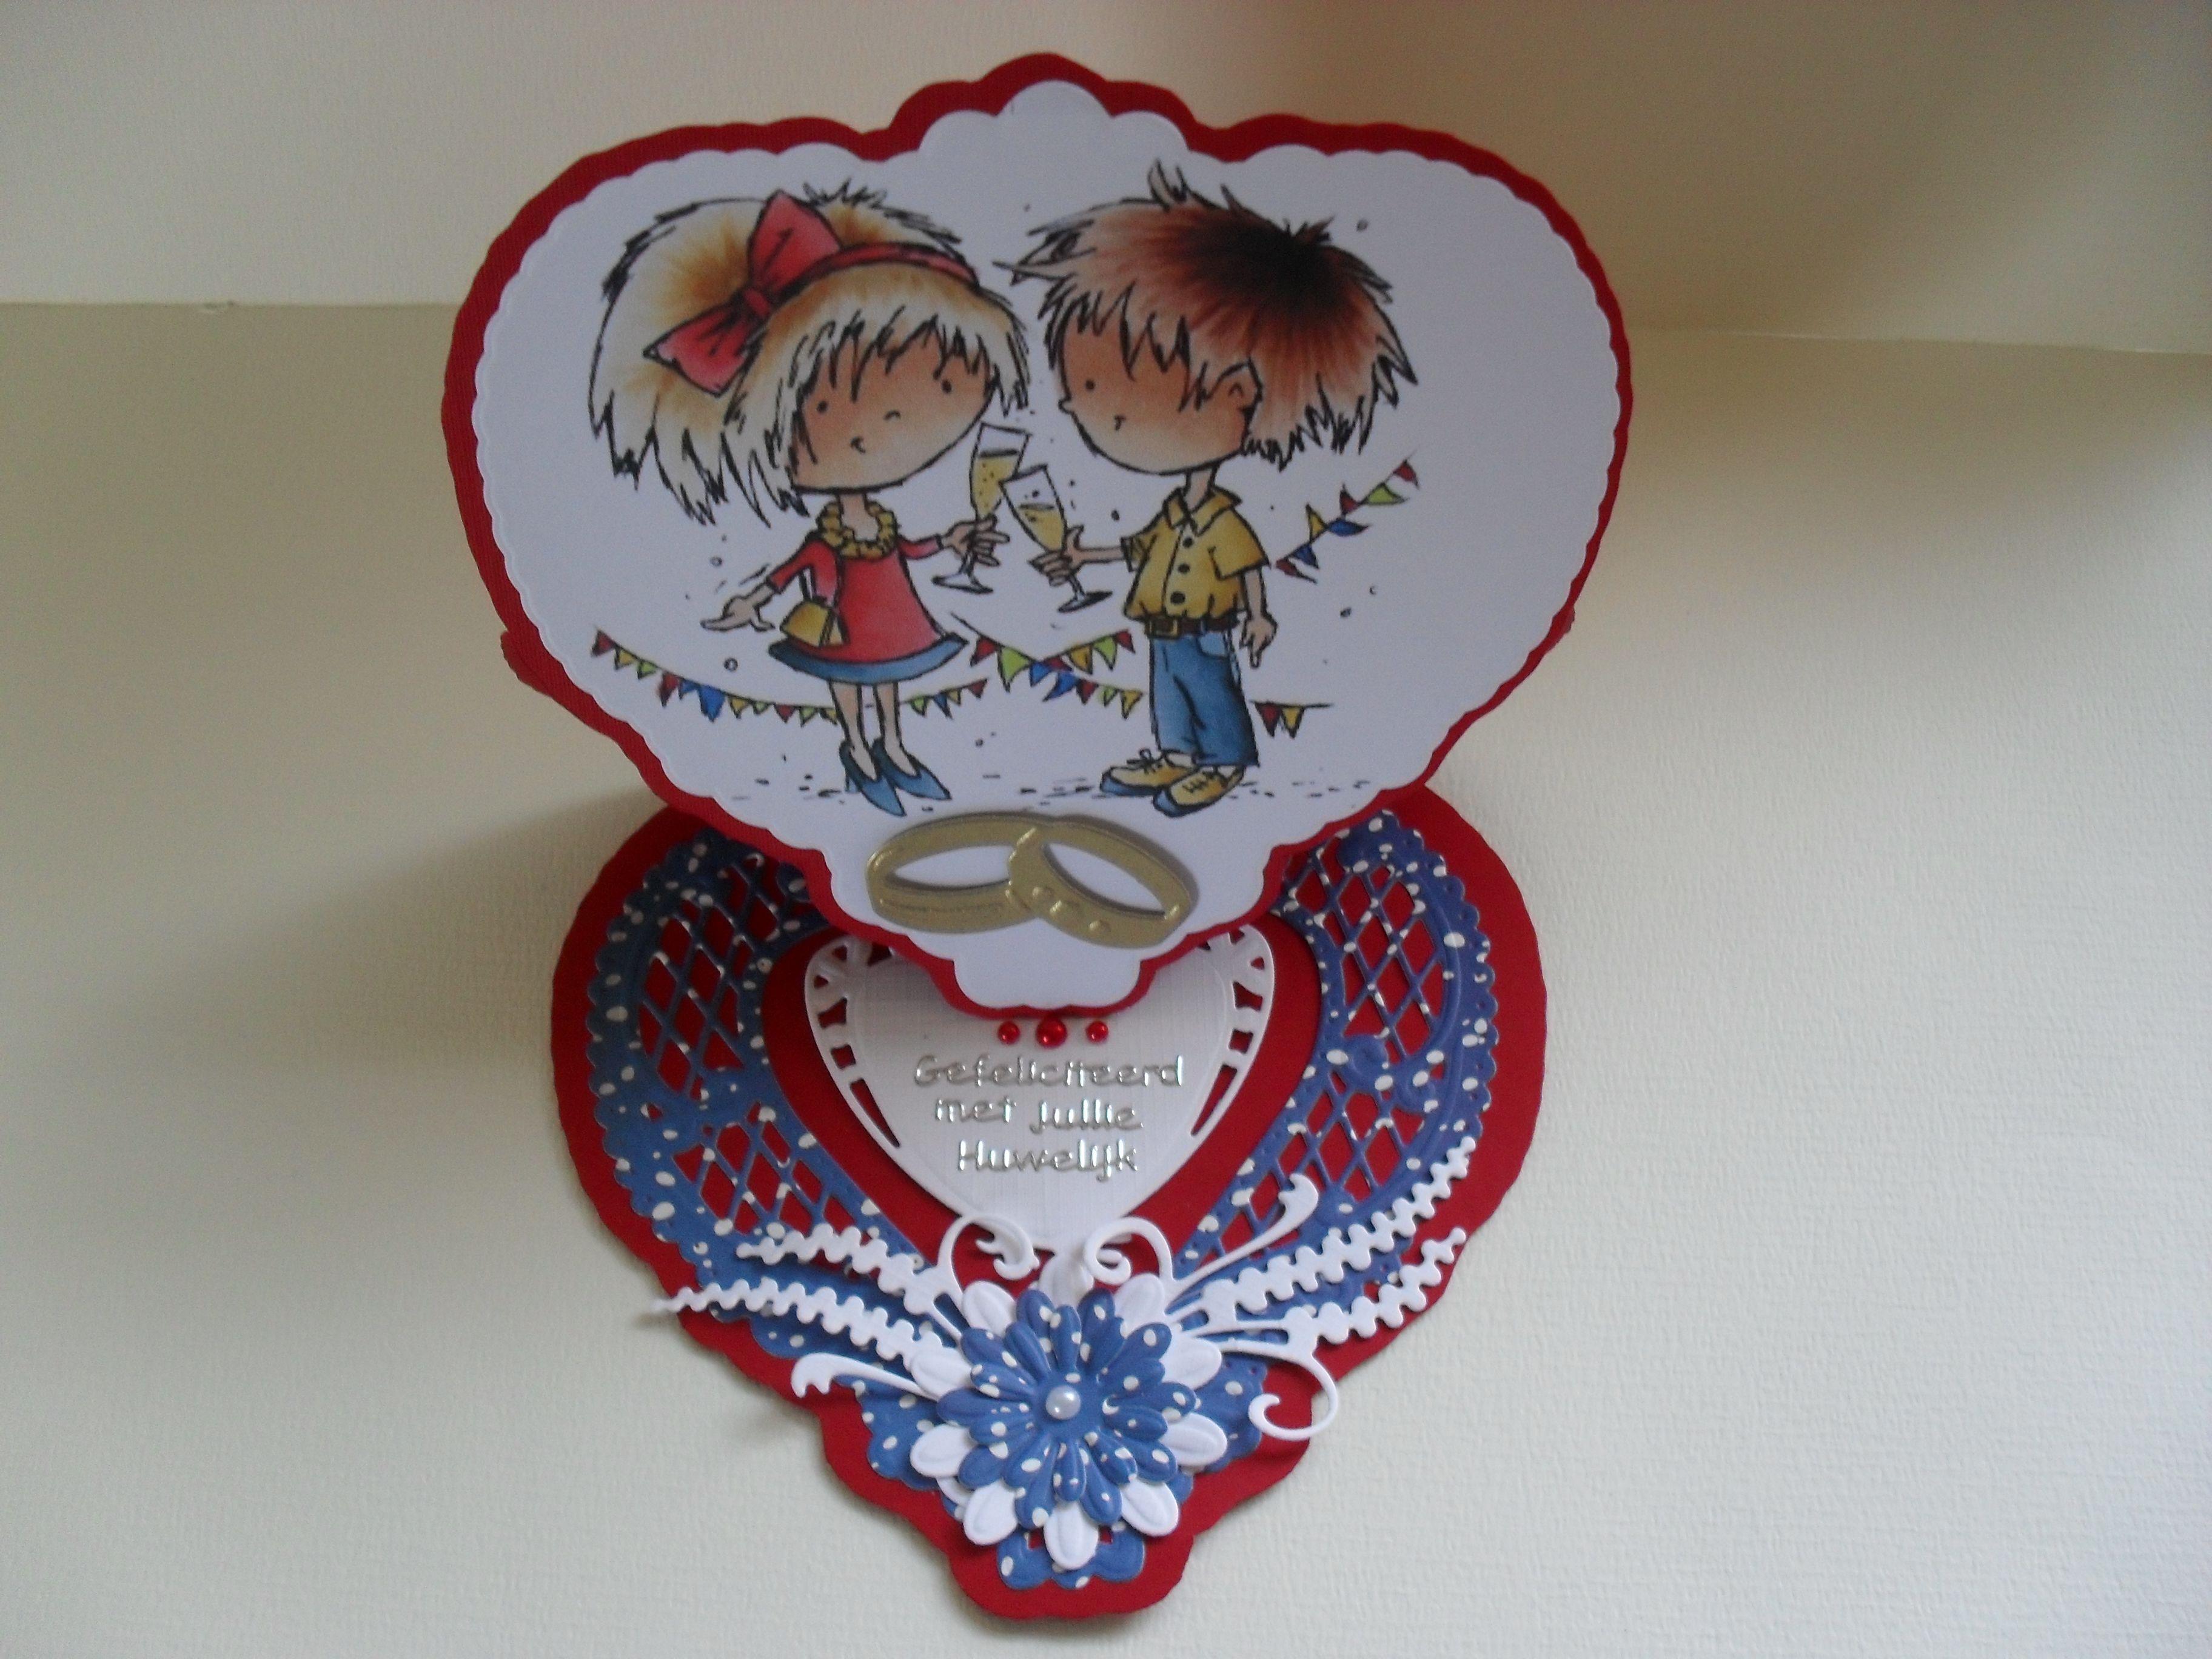 hart marianne lr0299 takje lro157 ringen lr0238 bloem joy 6002/0024. scrappapier don daisy marianne design. plaatje internet